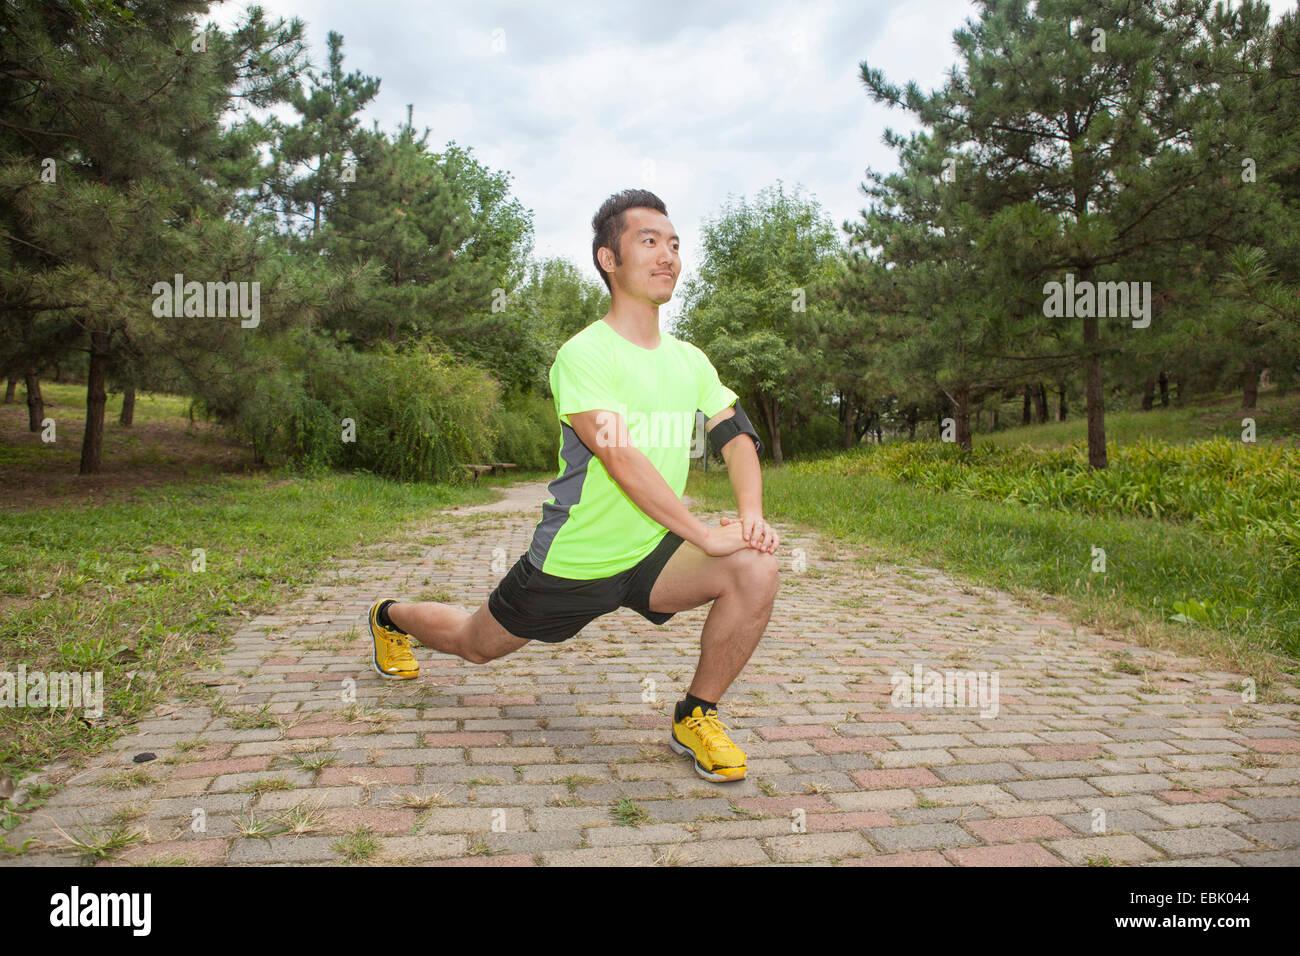 Macho joven corredor estirar las piernas en la posición de estacionamiento Imagen De Stock